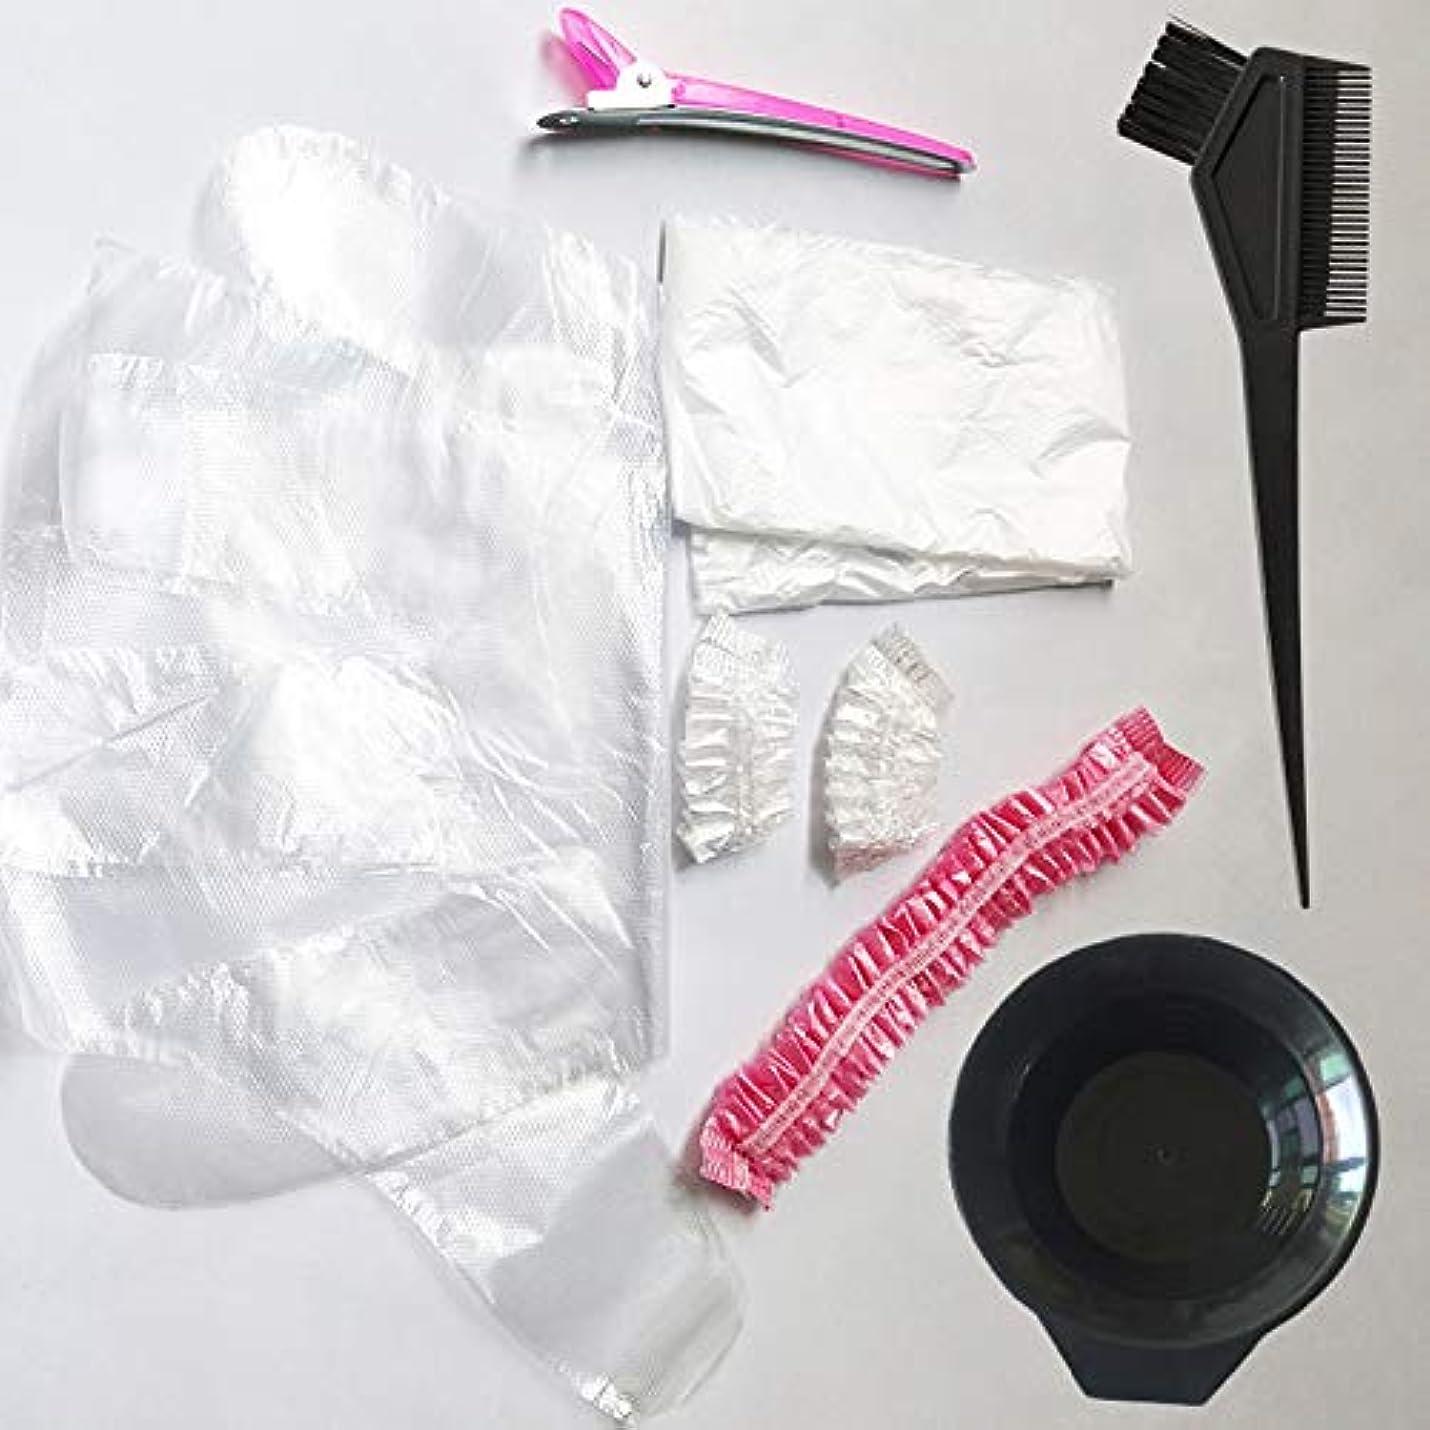 デザイナーファッションバーゲンヘアダイブラシ ヘアカラーカップ 毛染め用耳カバー ヘアダイコーム 8点セット 白髪染め 家庭用 美容師プロ用 プラスチック製